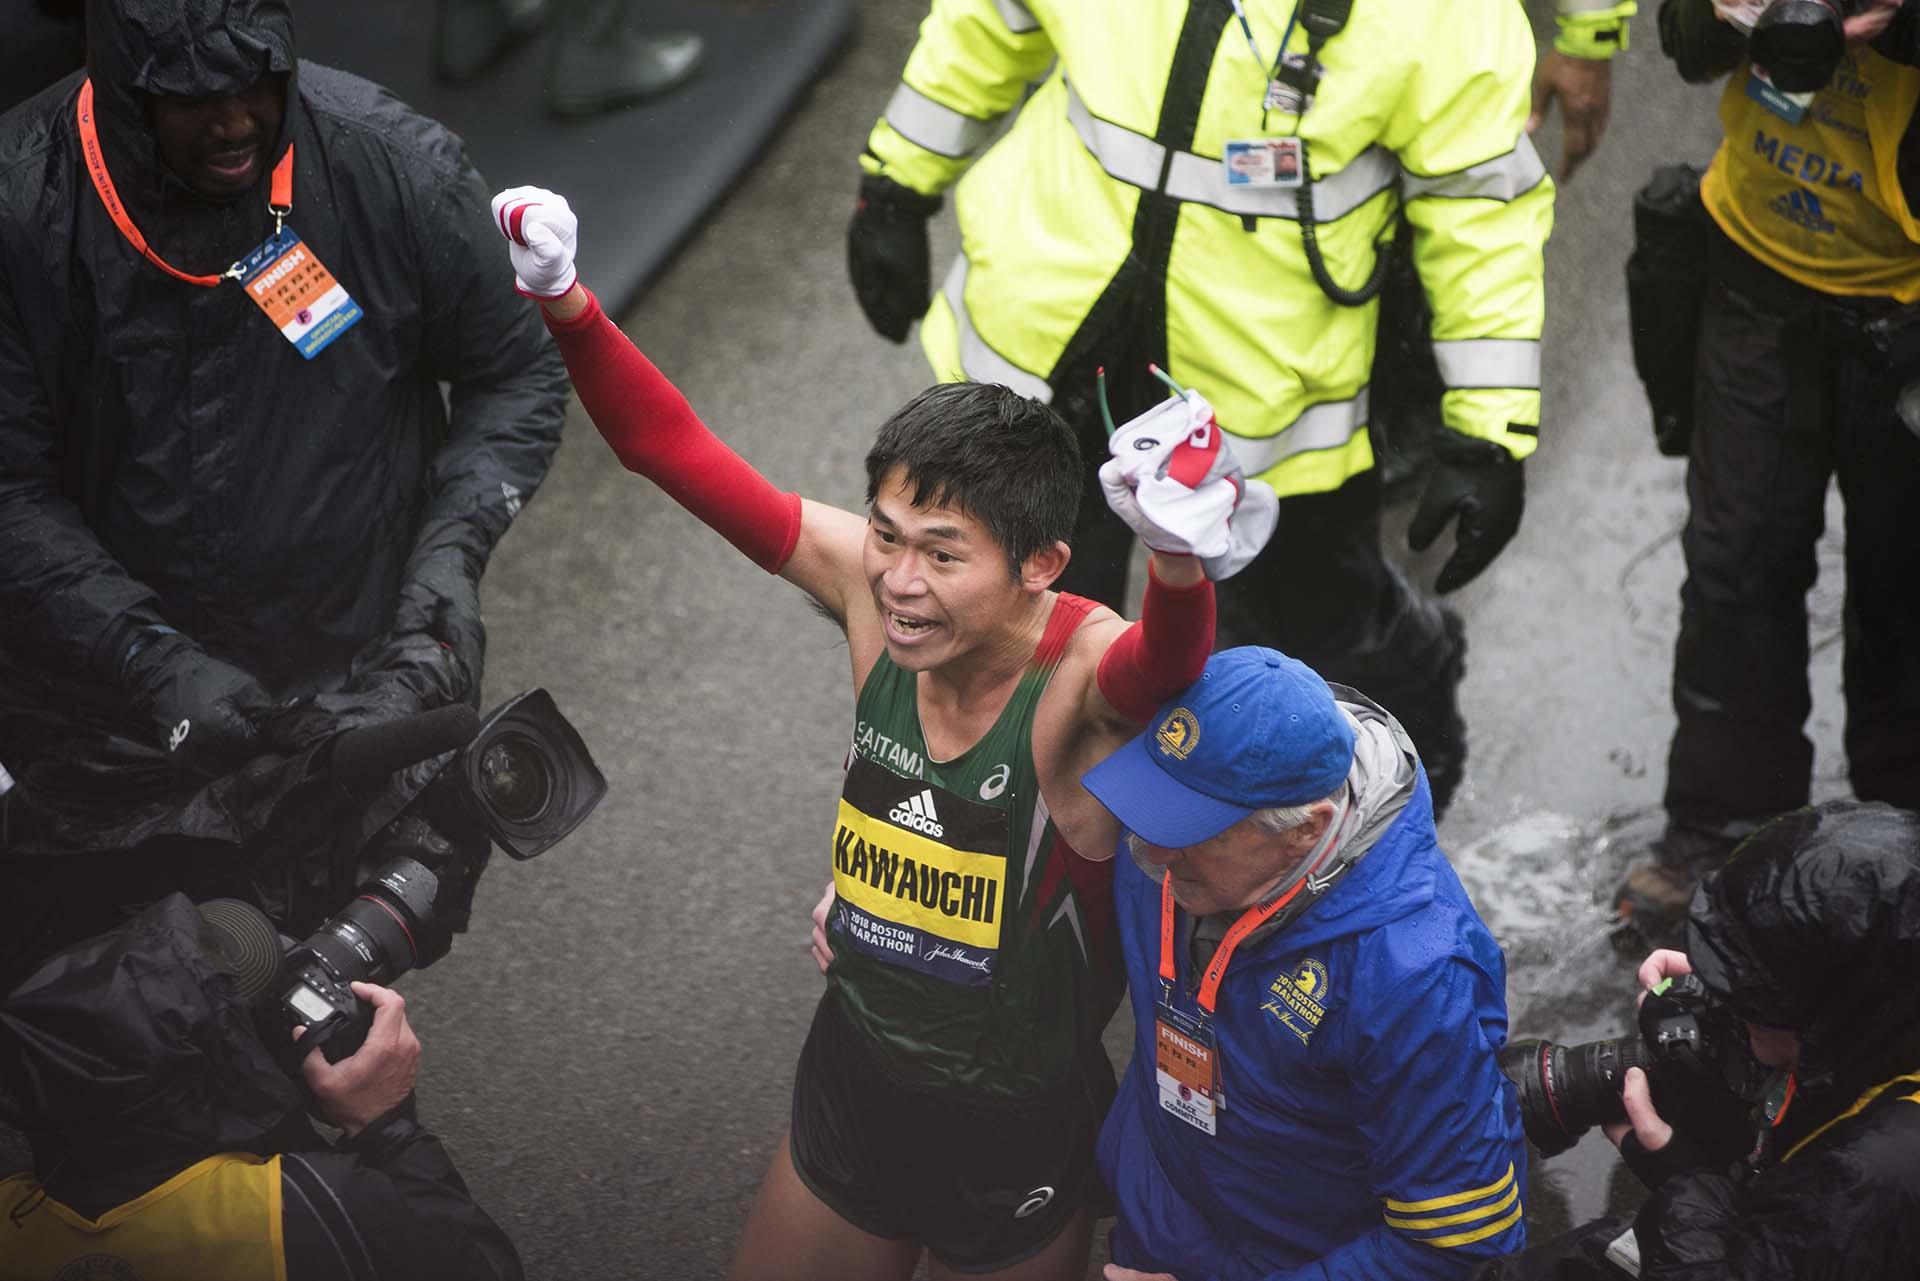 El nuevo campeón del Maratón de Boston se convirtió en el primer japonés en conseguir la victoria desde que lo hizo hace 31 años su compatriota Toshihiko Seko